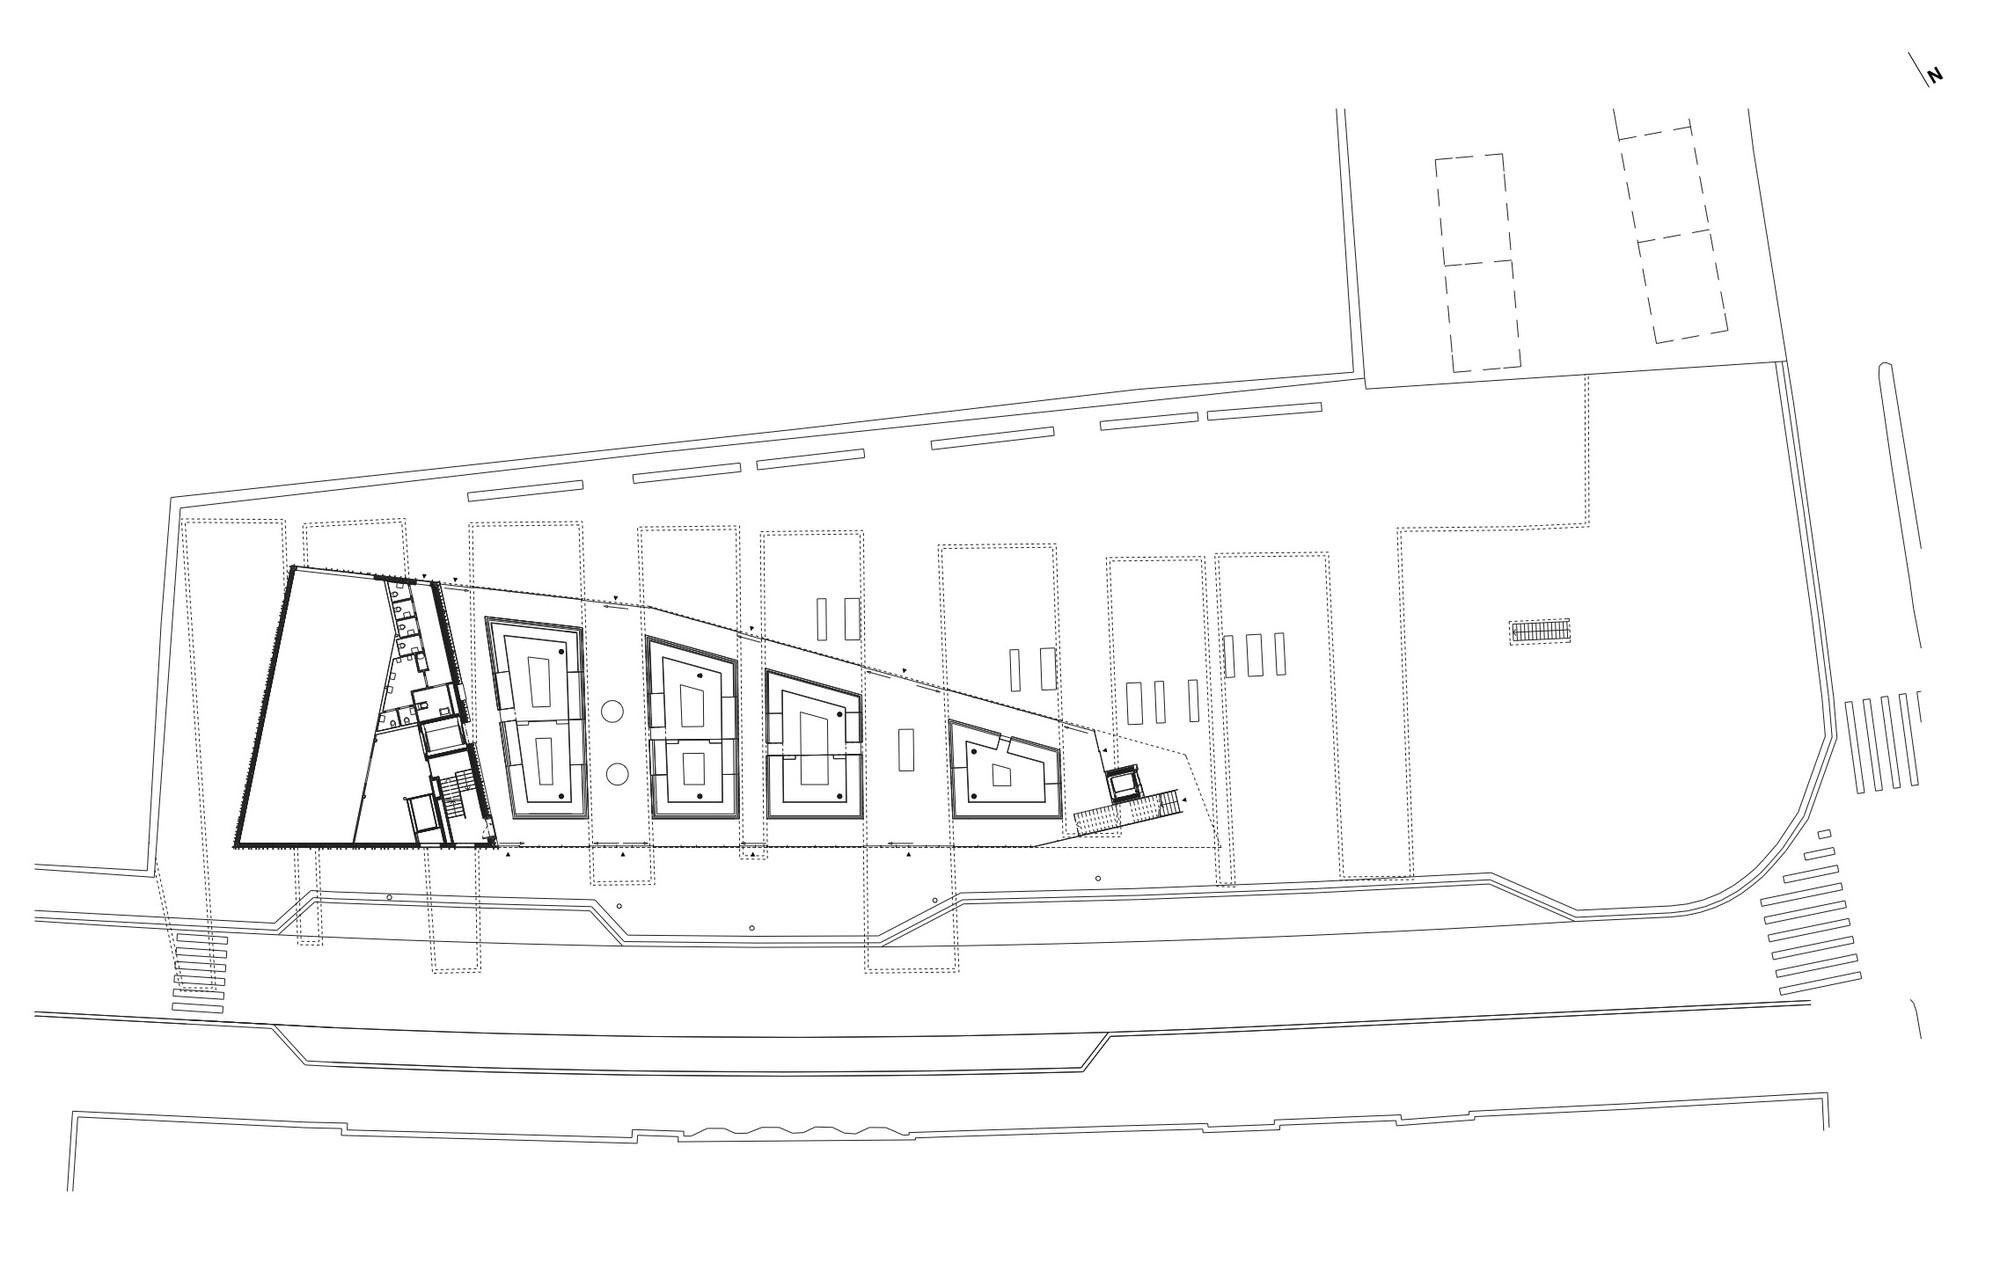 Aquarium Architectural Design Information